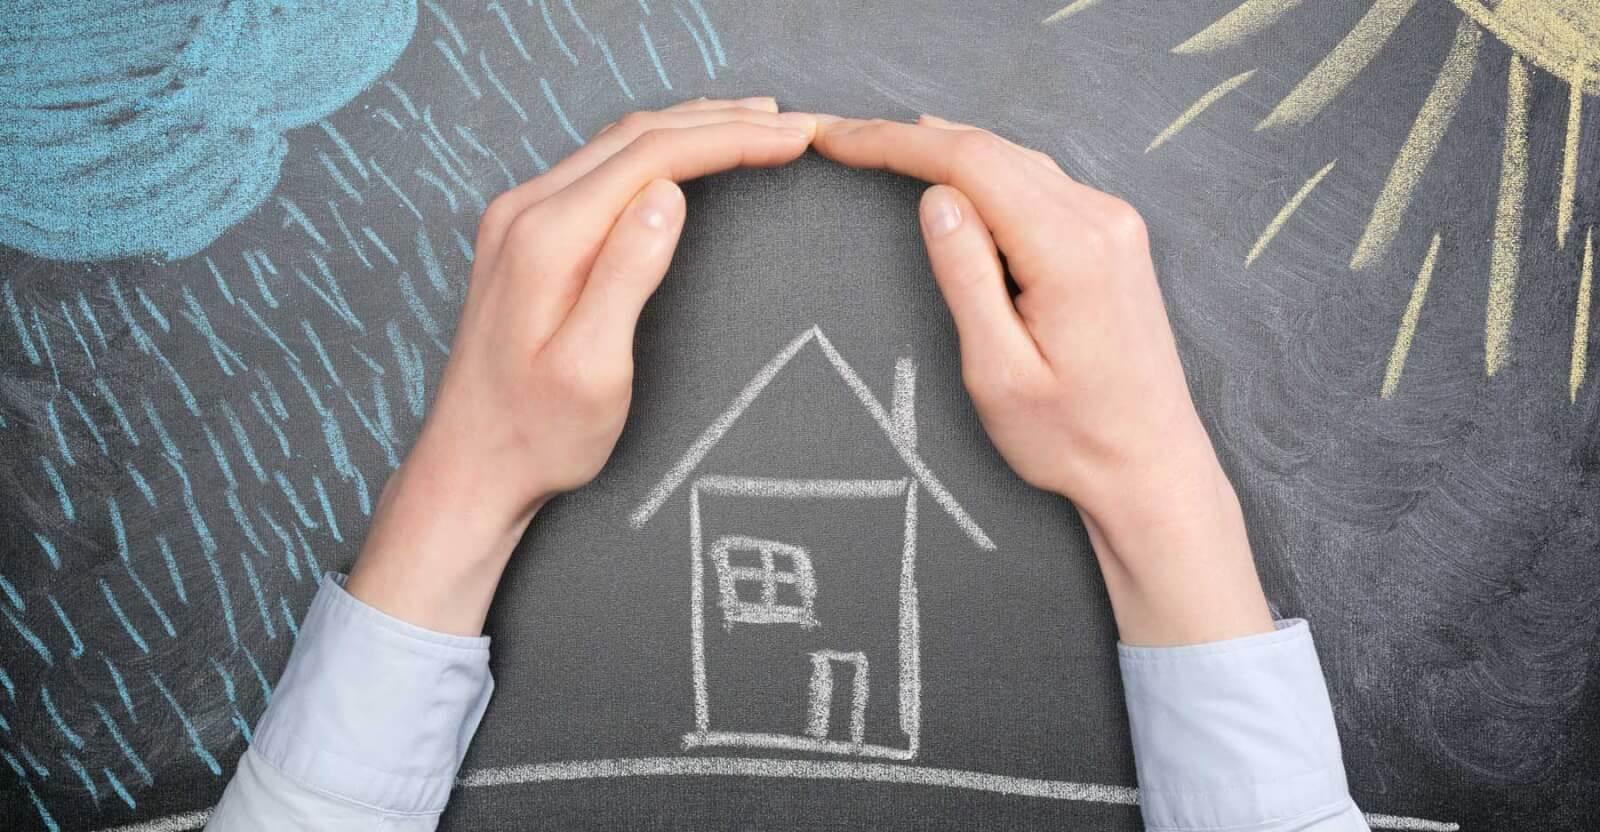 Титульное страхование недвижимости - что это такое и его важные нюансы